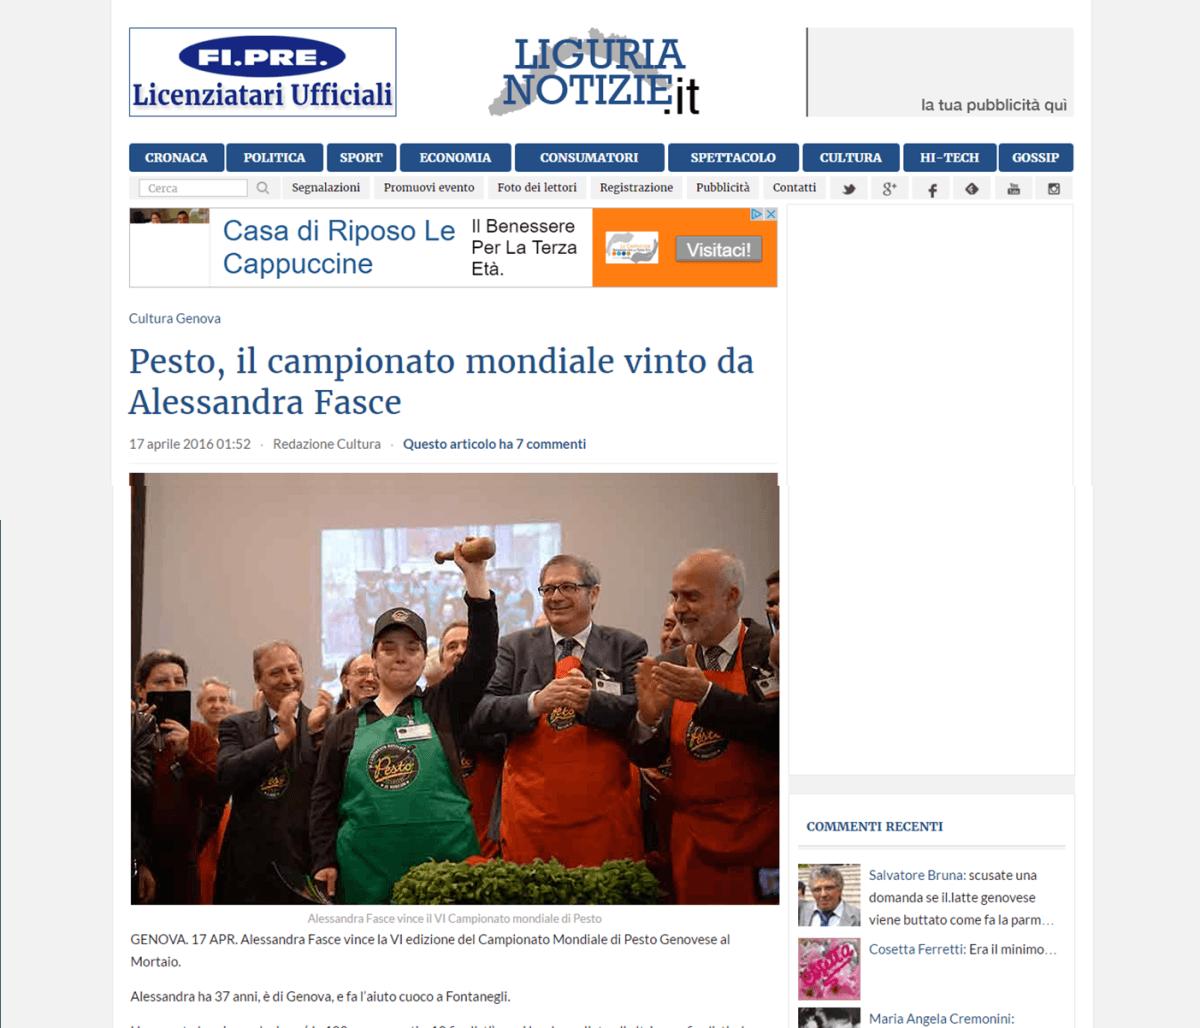 Liguria Notizie 17 Aprile16 Aprile 2016